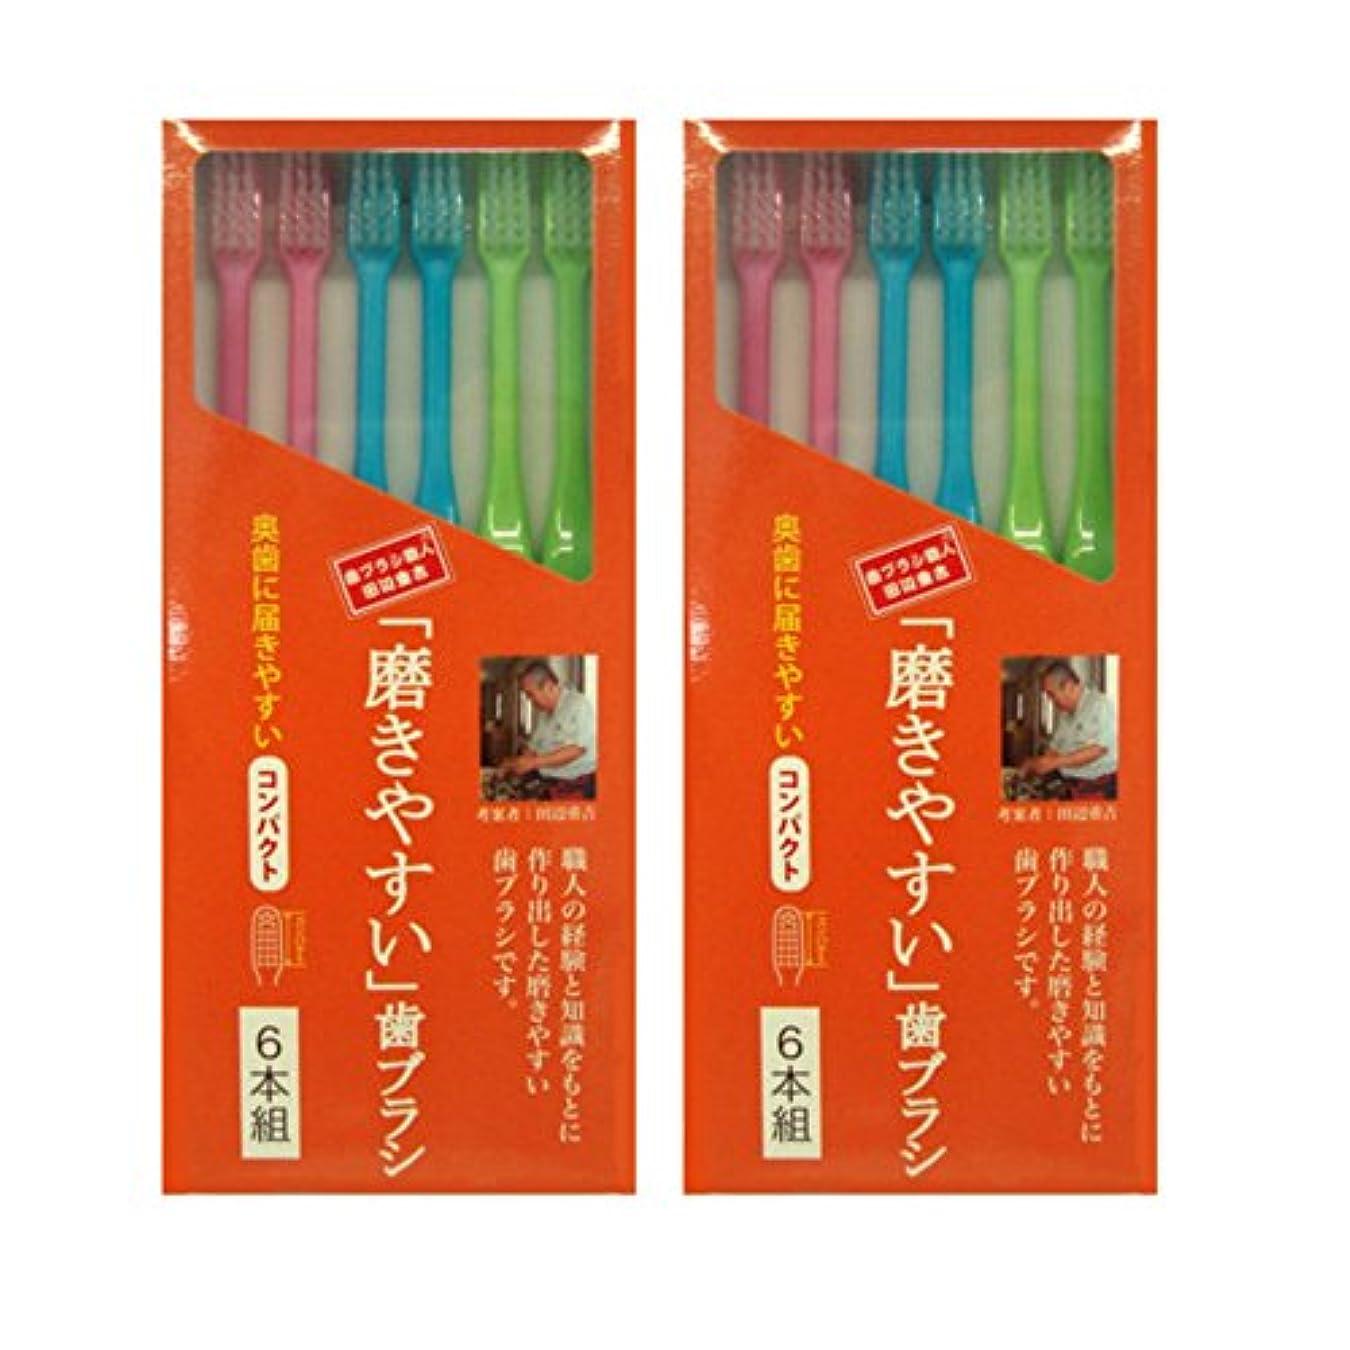 スタウト北方ヤギ磨きやすい歯ブラシ コンパクトタイプ 6本組×2個セット (計12本)